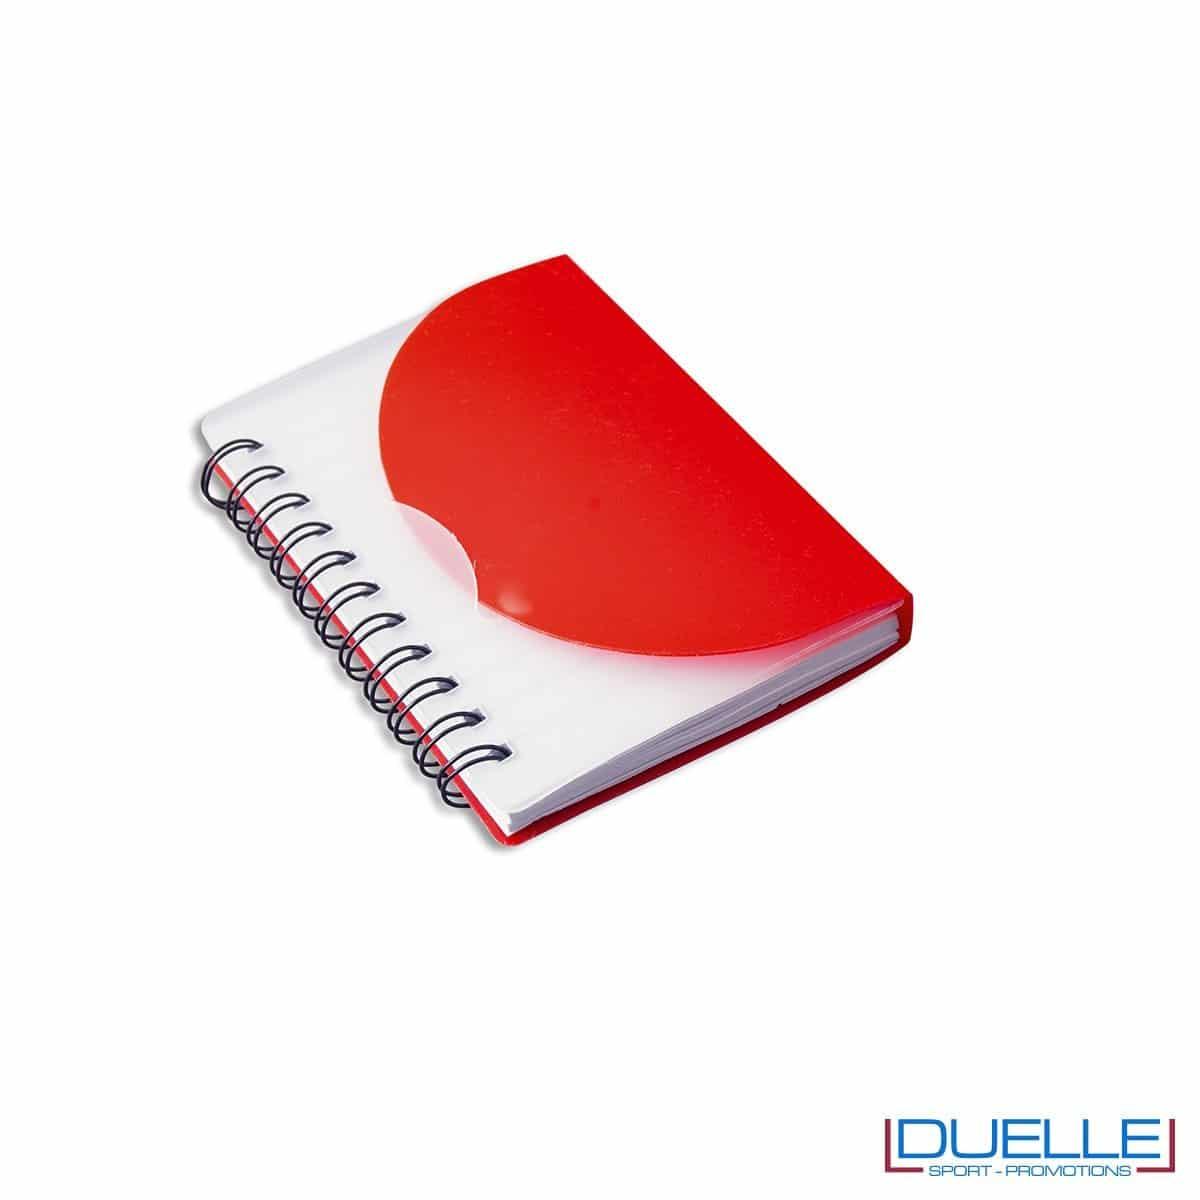 Quaderno personalizzato in plastica traslucida rosso